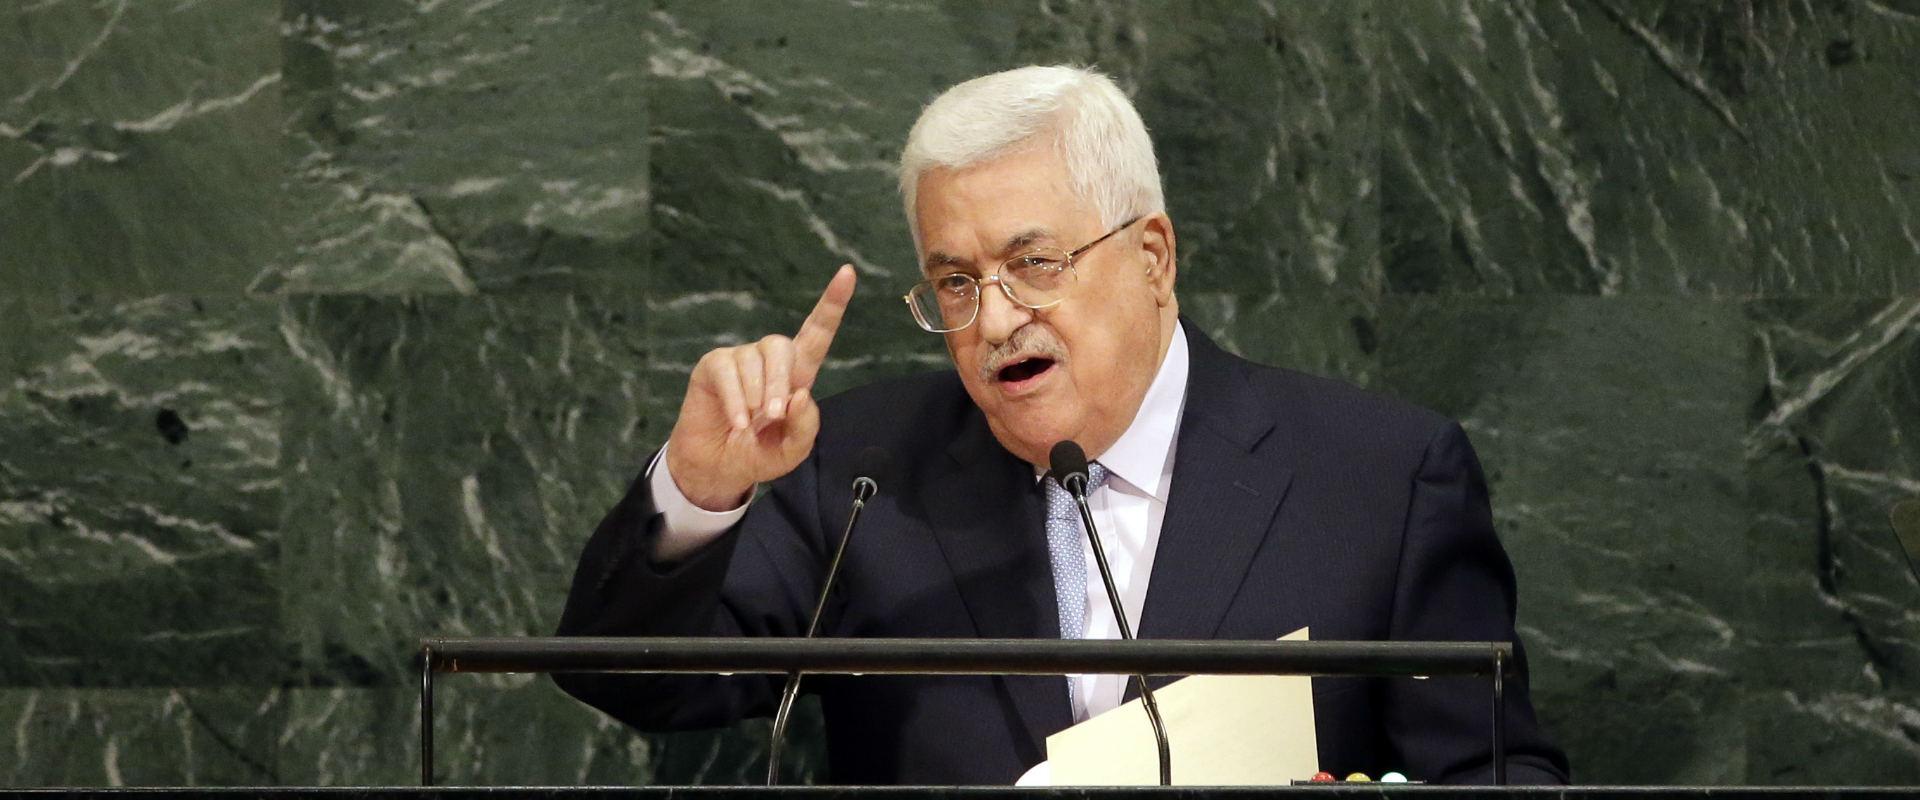 """יו""""ר הרשות, מחמוס עבאס, בנאומו בעצרת האו""""ם, 20 בספ"""